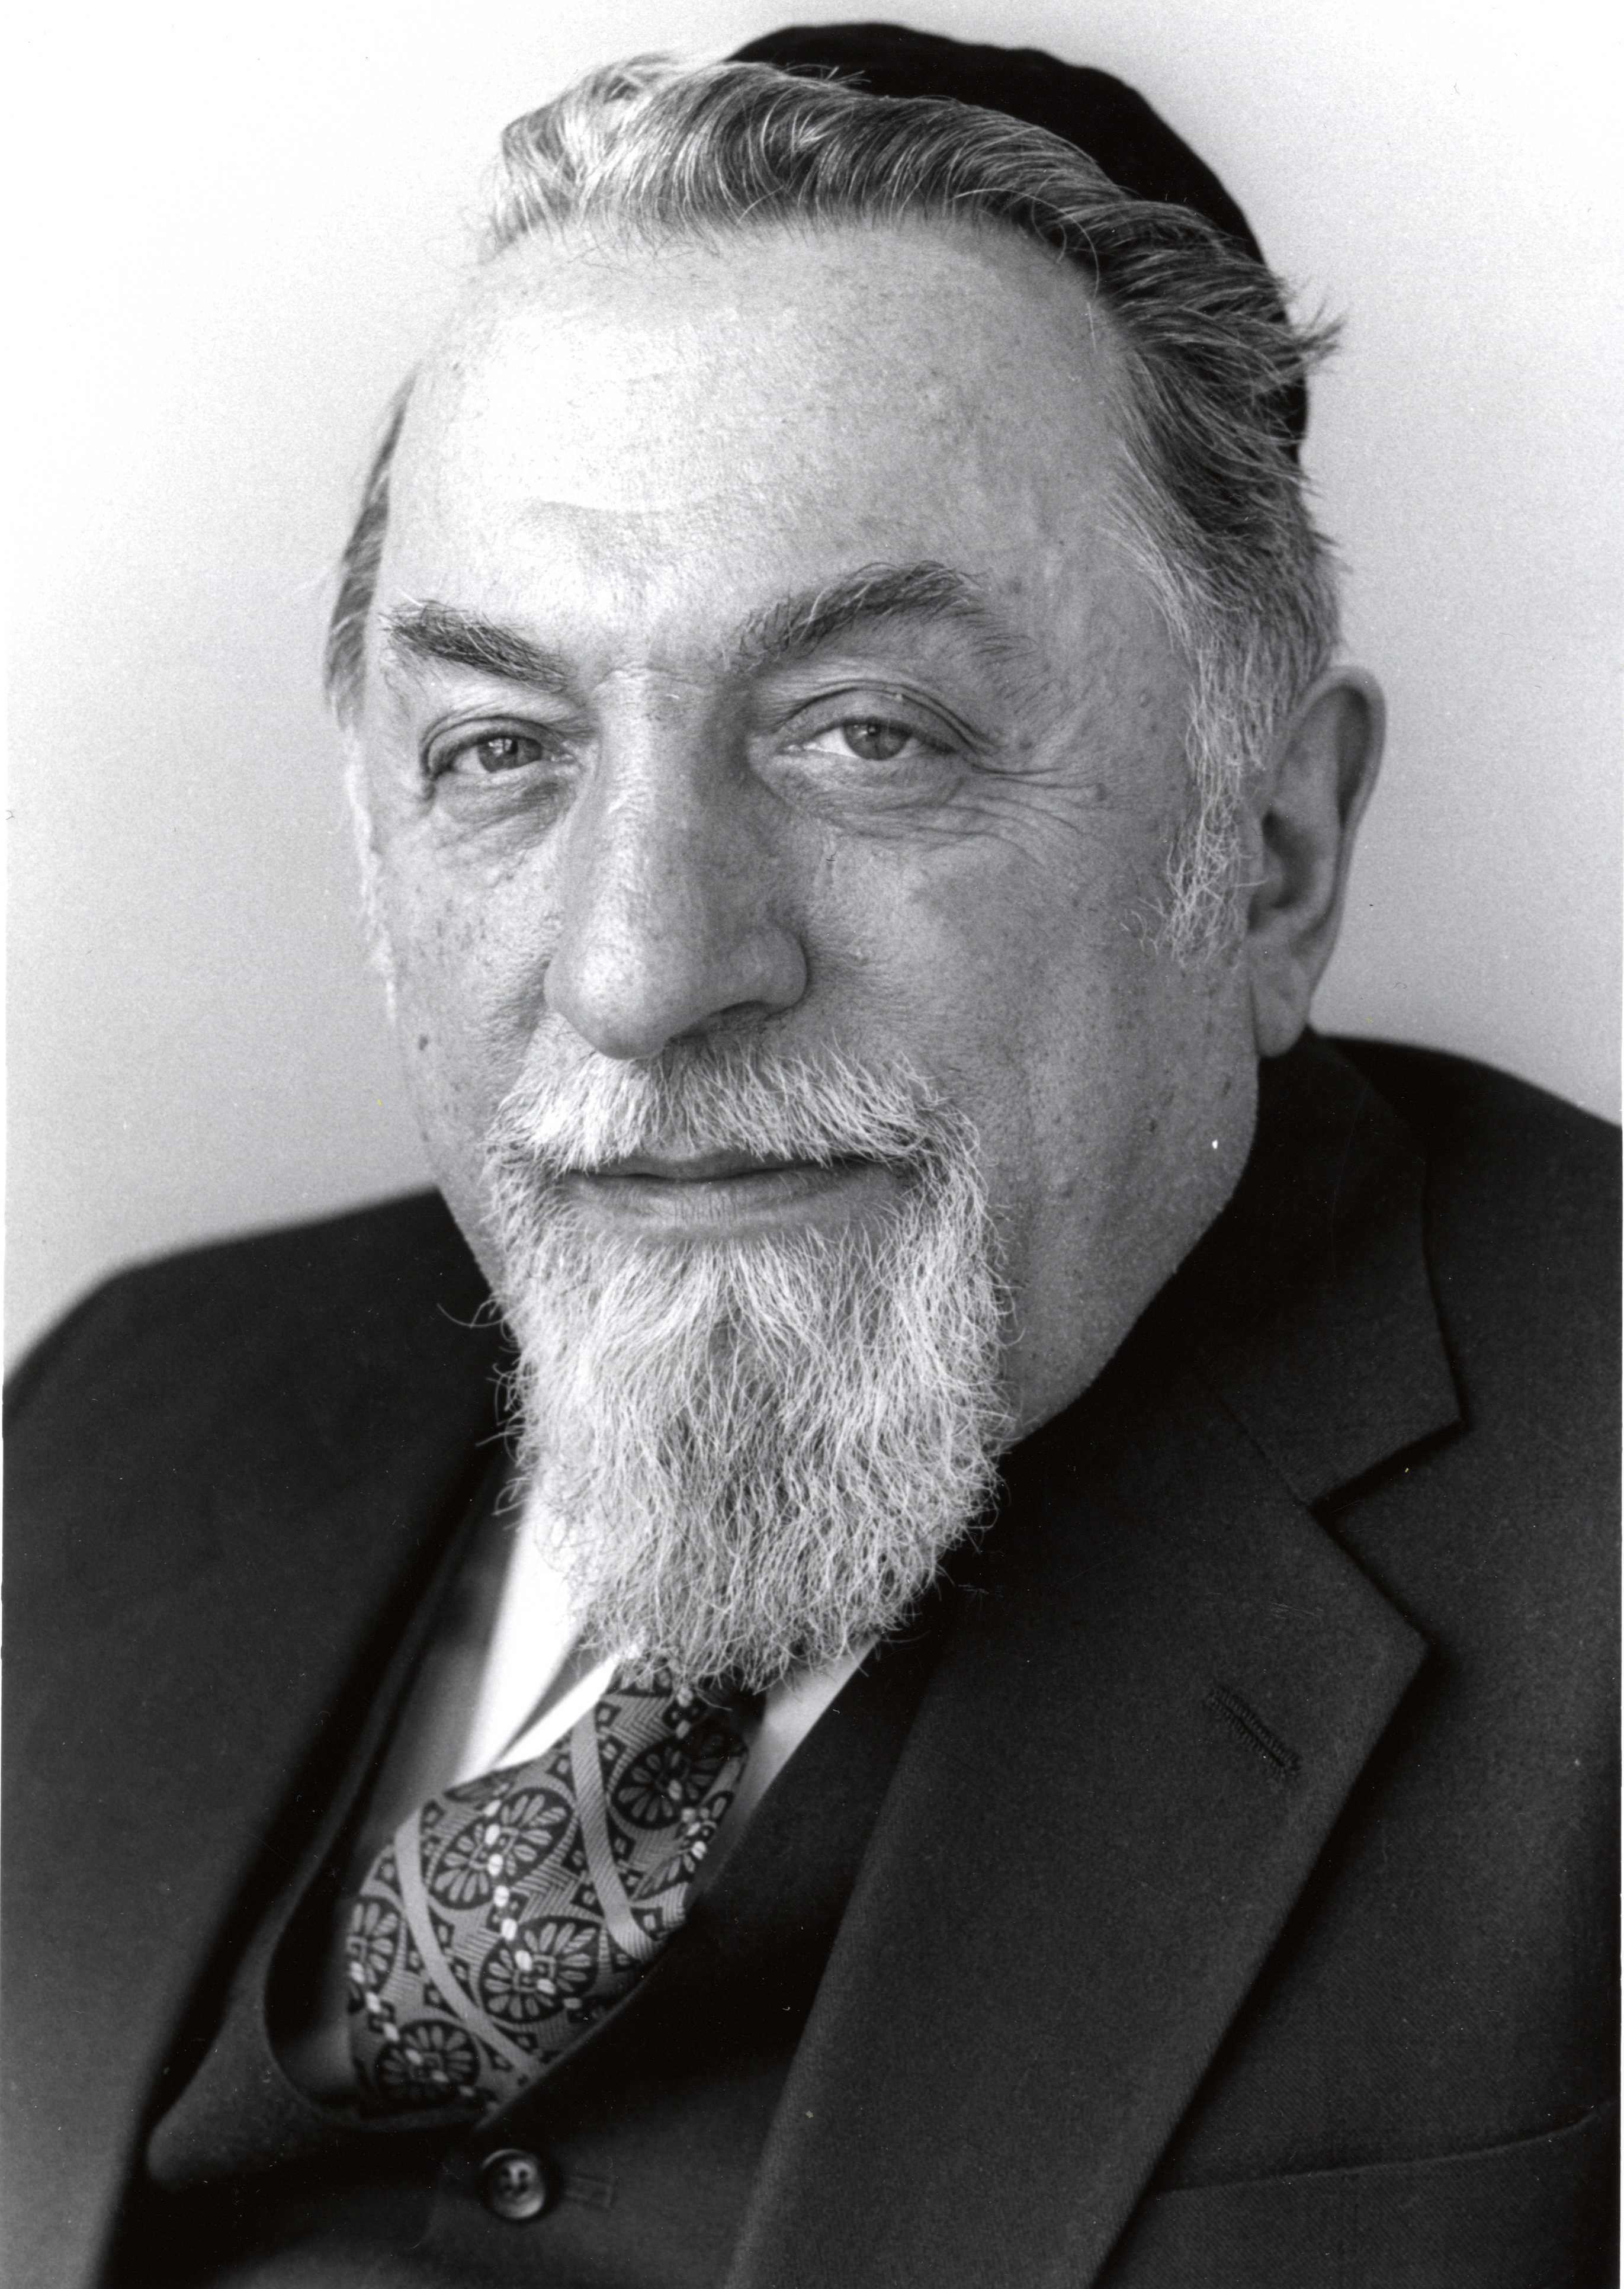 Rabbi Schachter